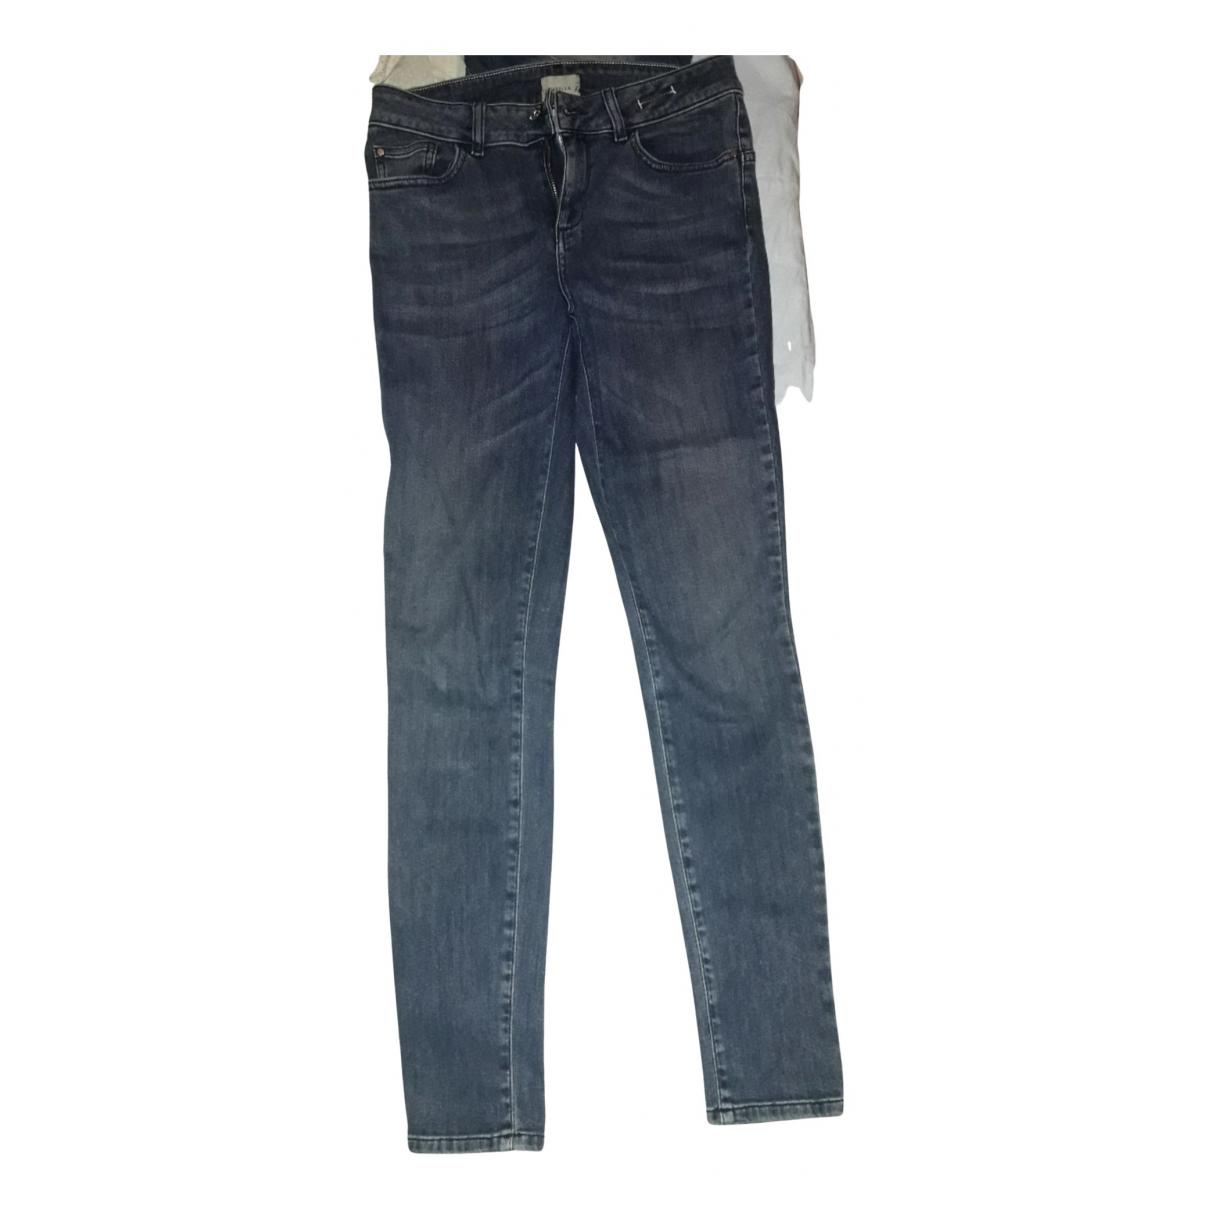 Marella \N Blue Denim - Jeans Trousers for Women 42 IT